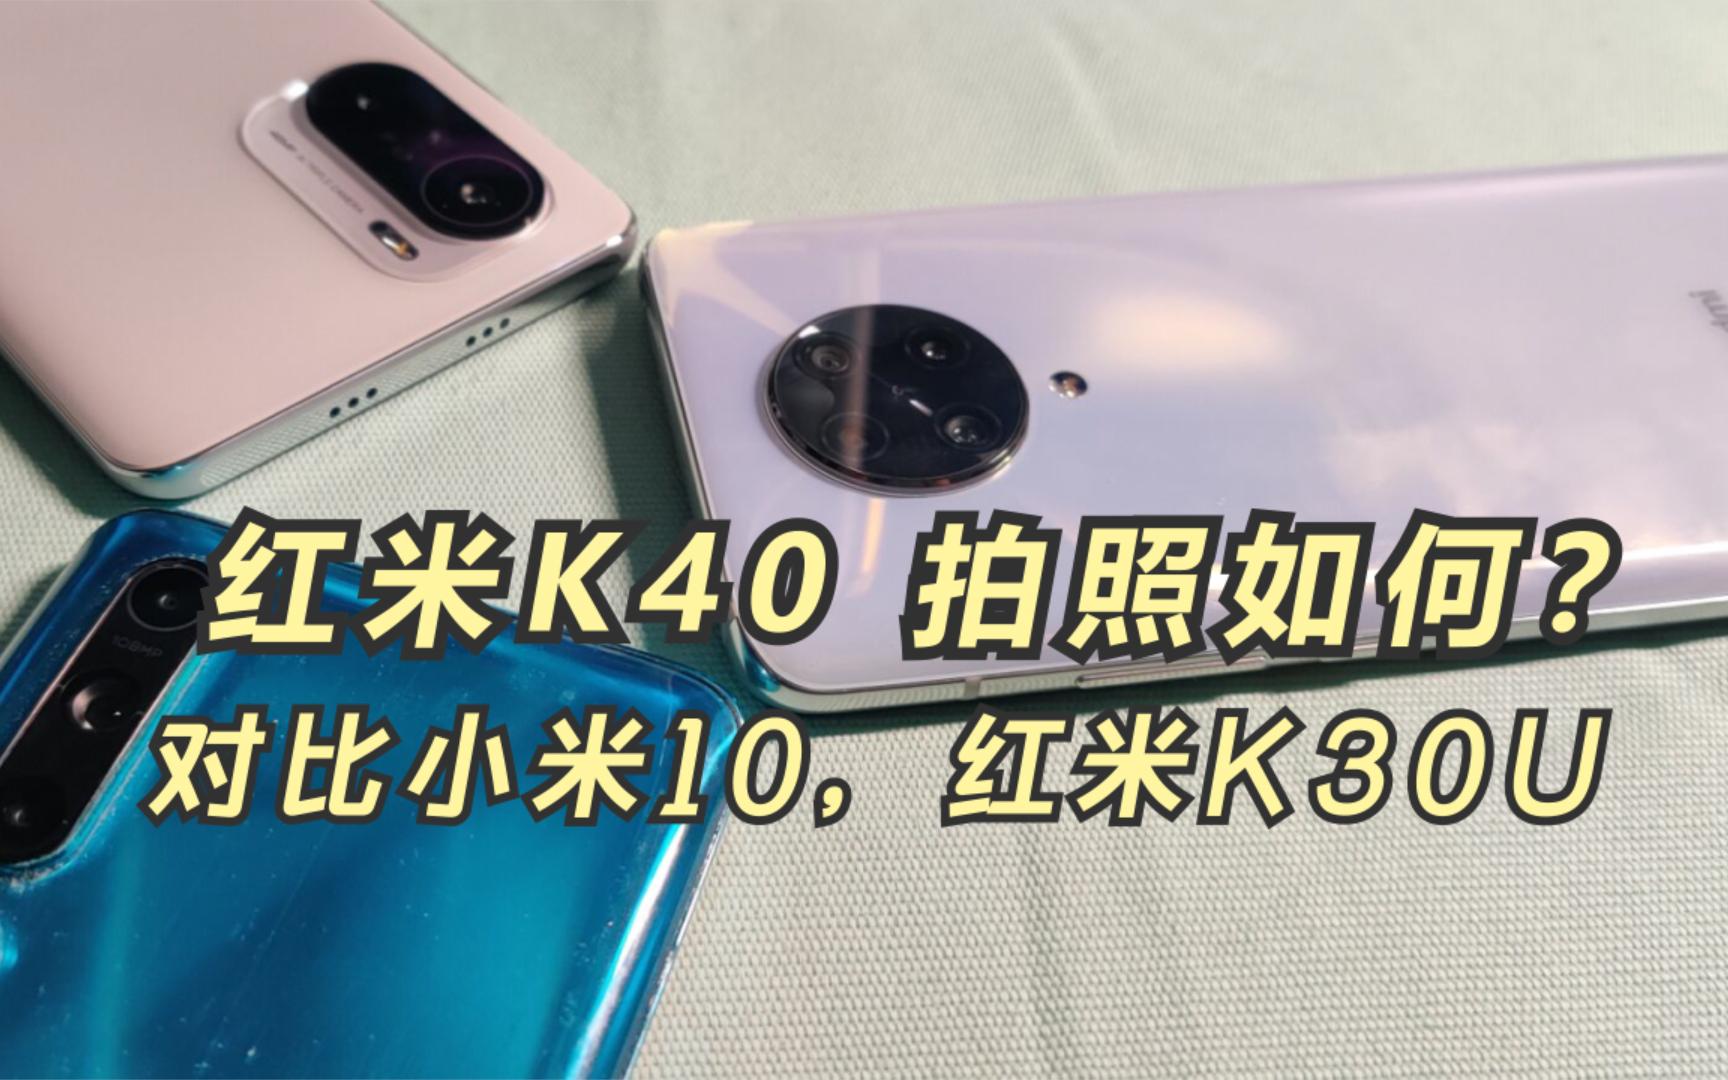 4800w像素的红米K40 拍照拍照如何?对比红米K30至尊与小米10!